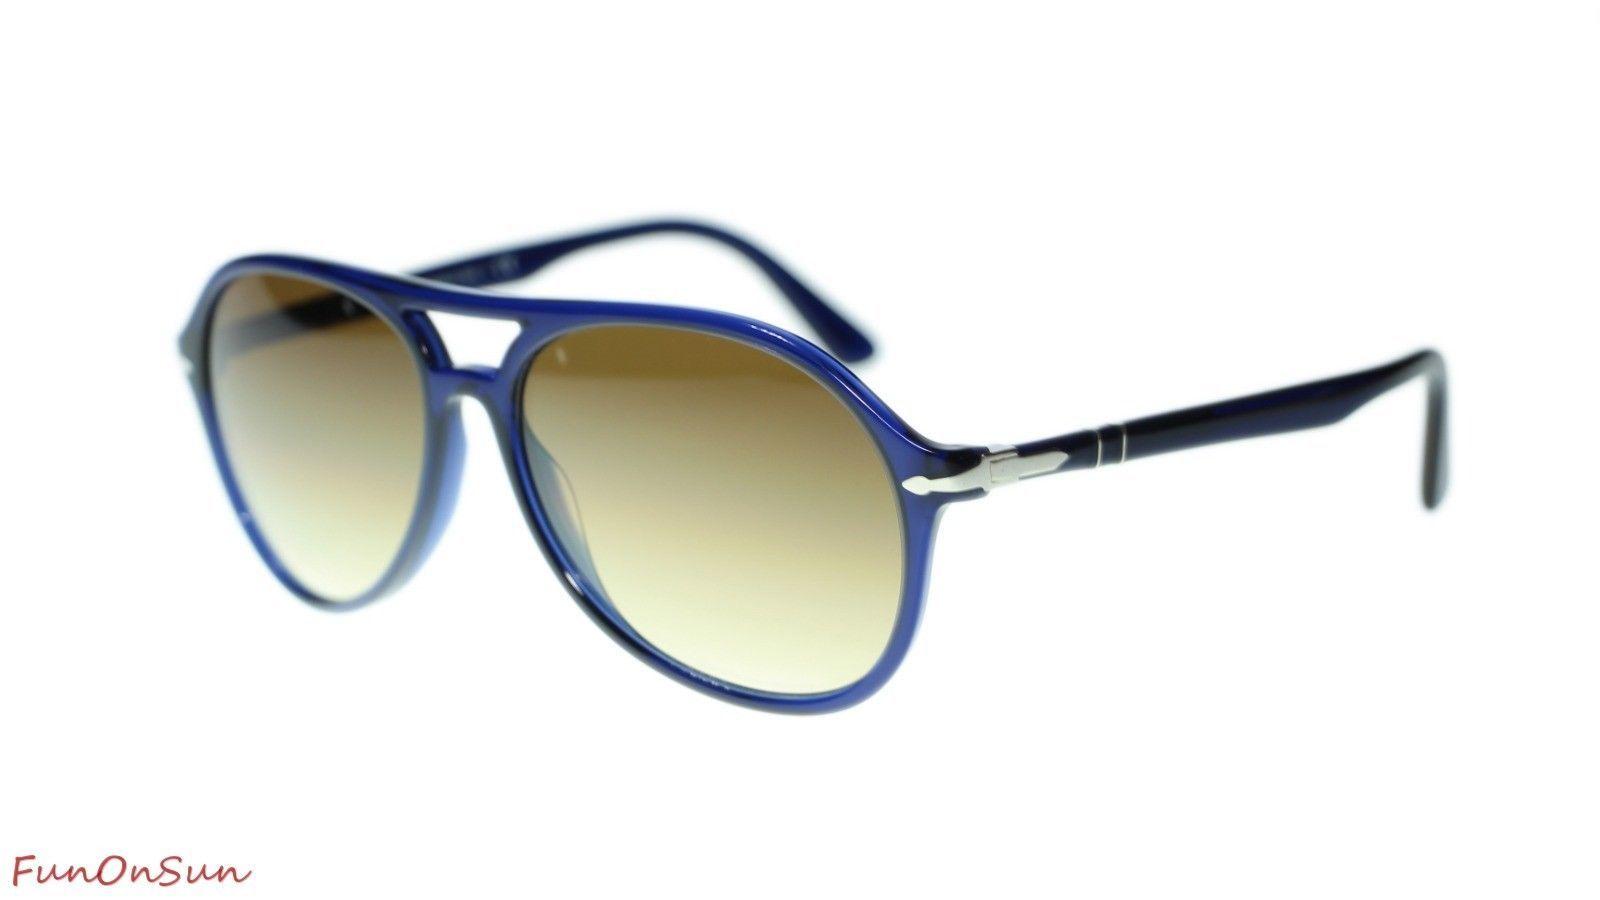 edf9632910e32 Persol Mens Sunglasses PO3194S 107451 and 12 similar items. 10